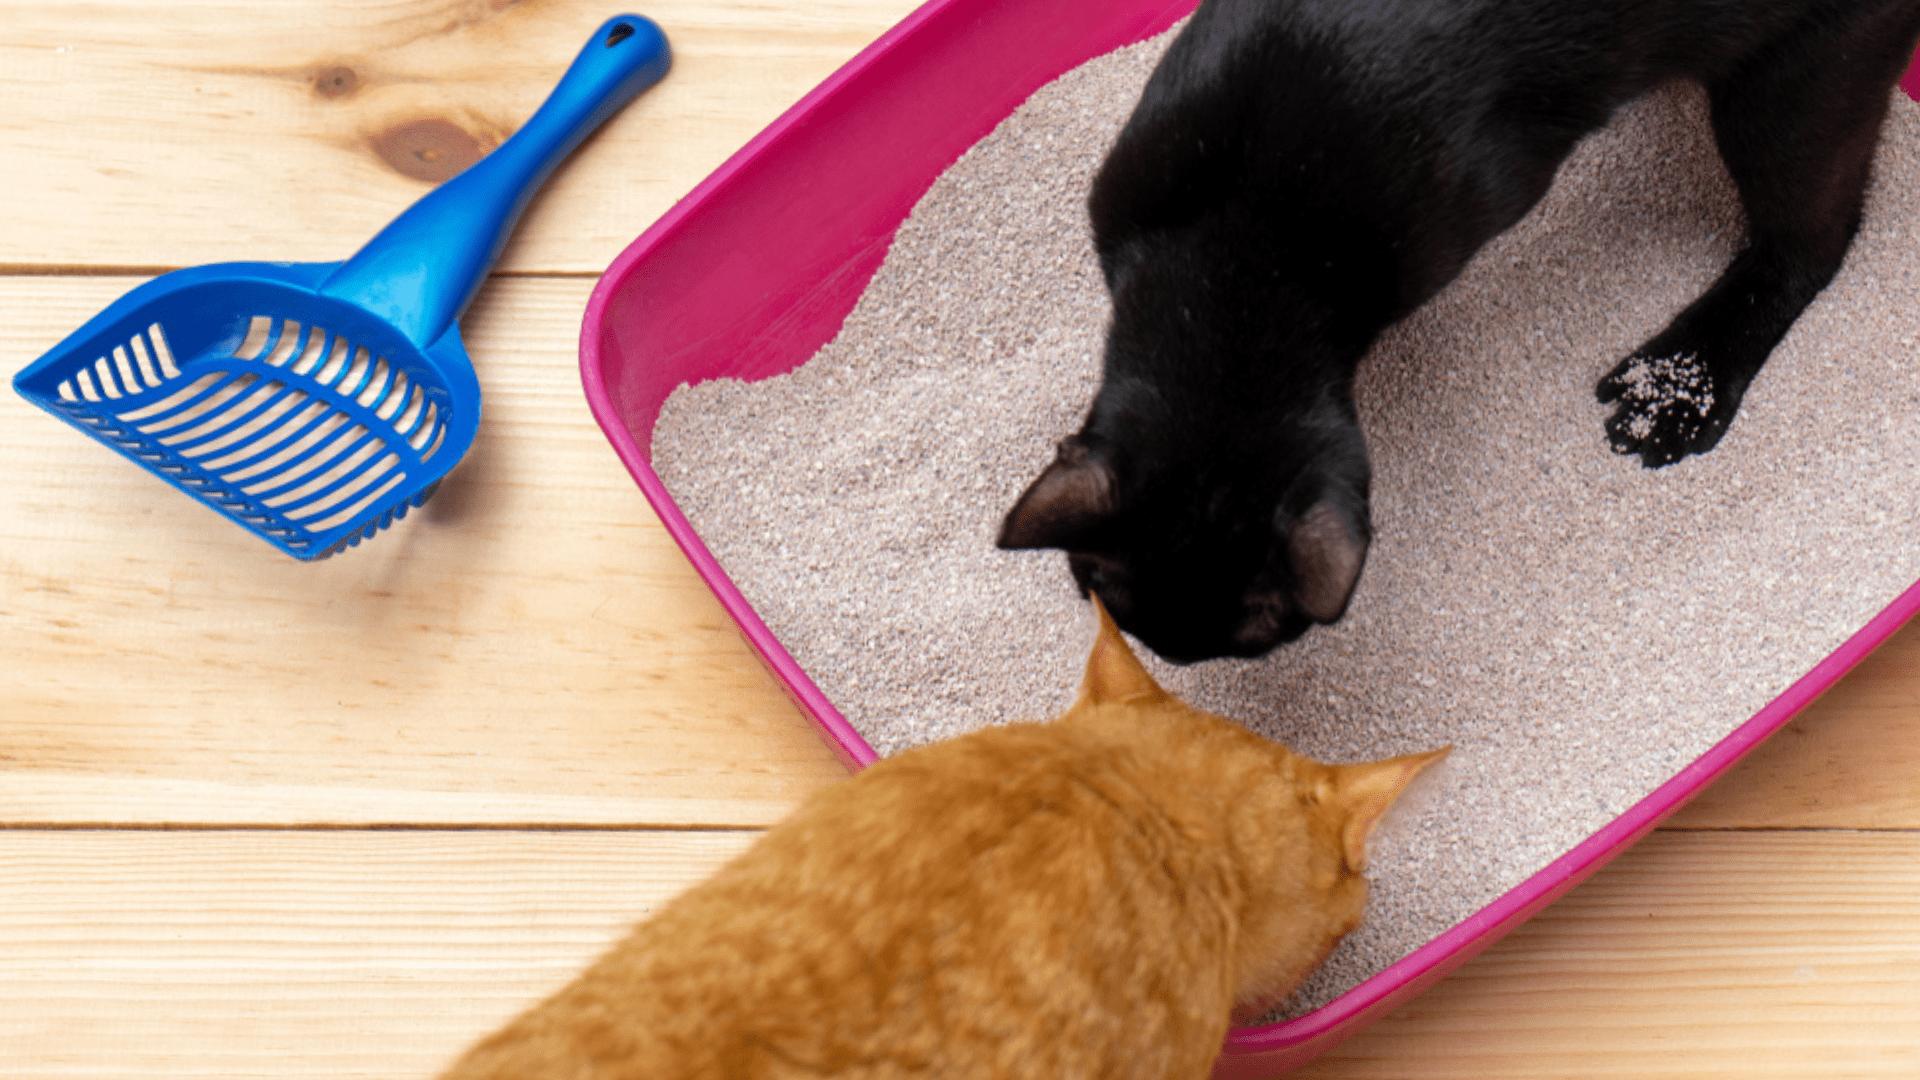 A areia para gato aglomerante é barata e prática (Imagem: Reprodução/Shutterstock)